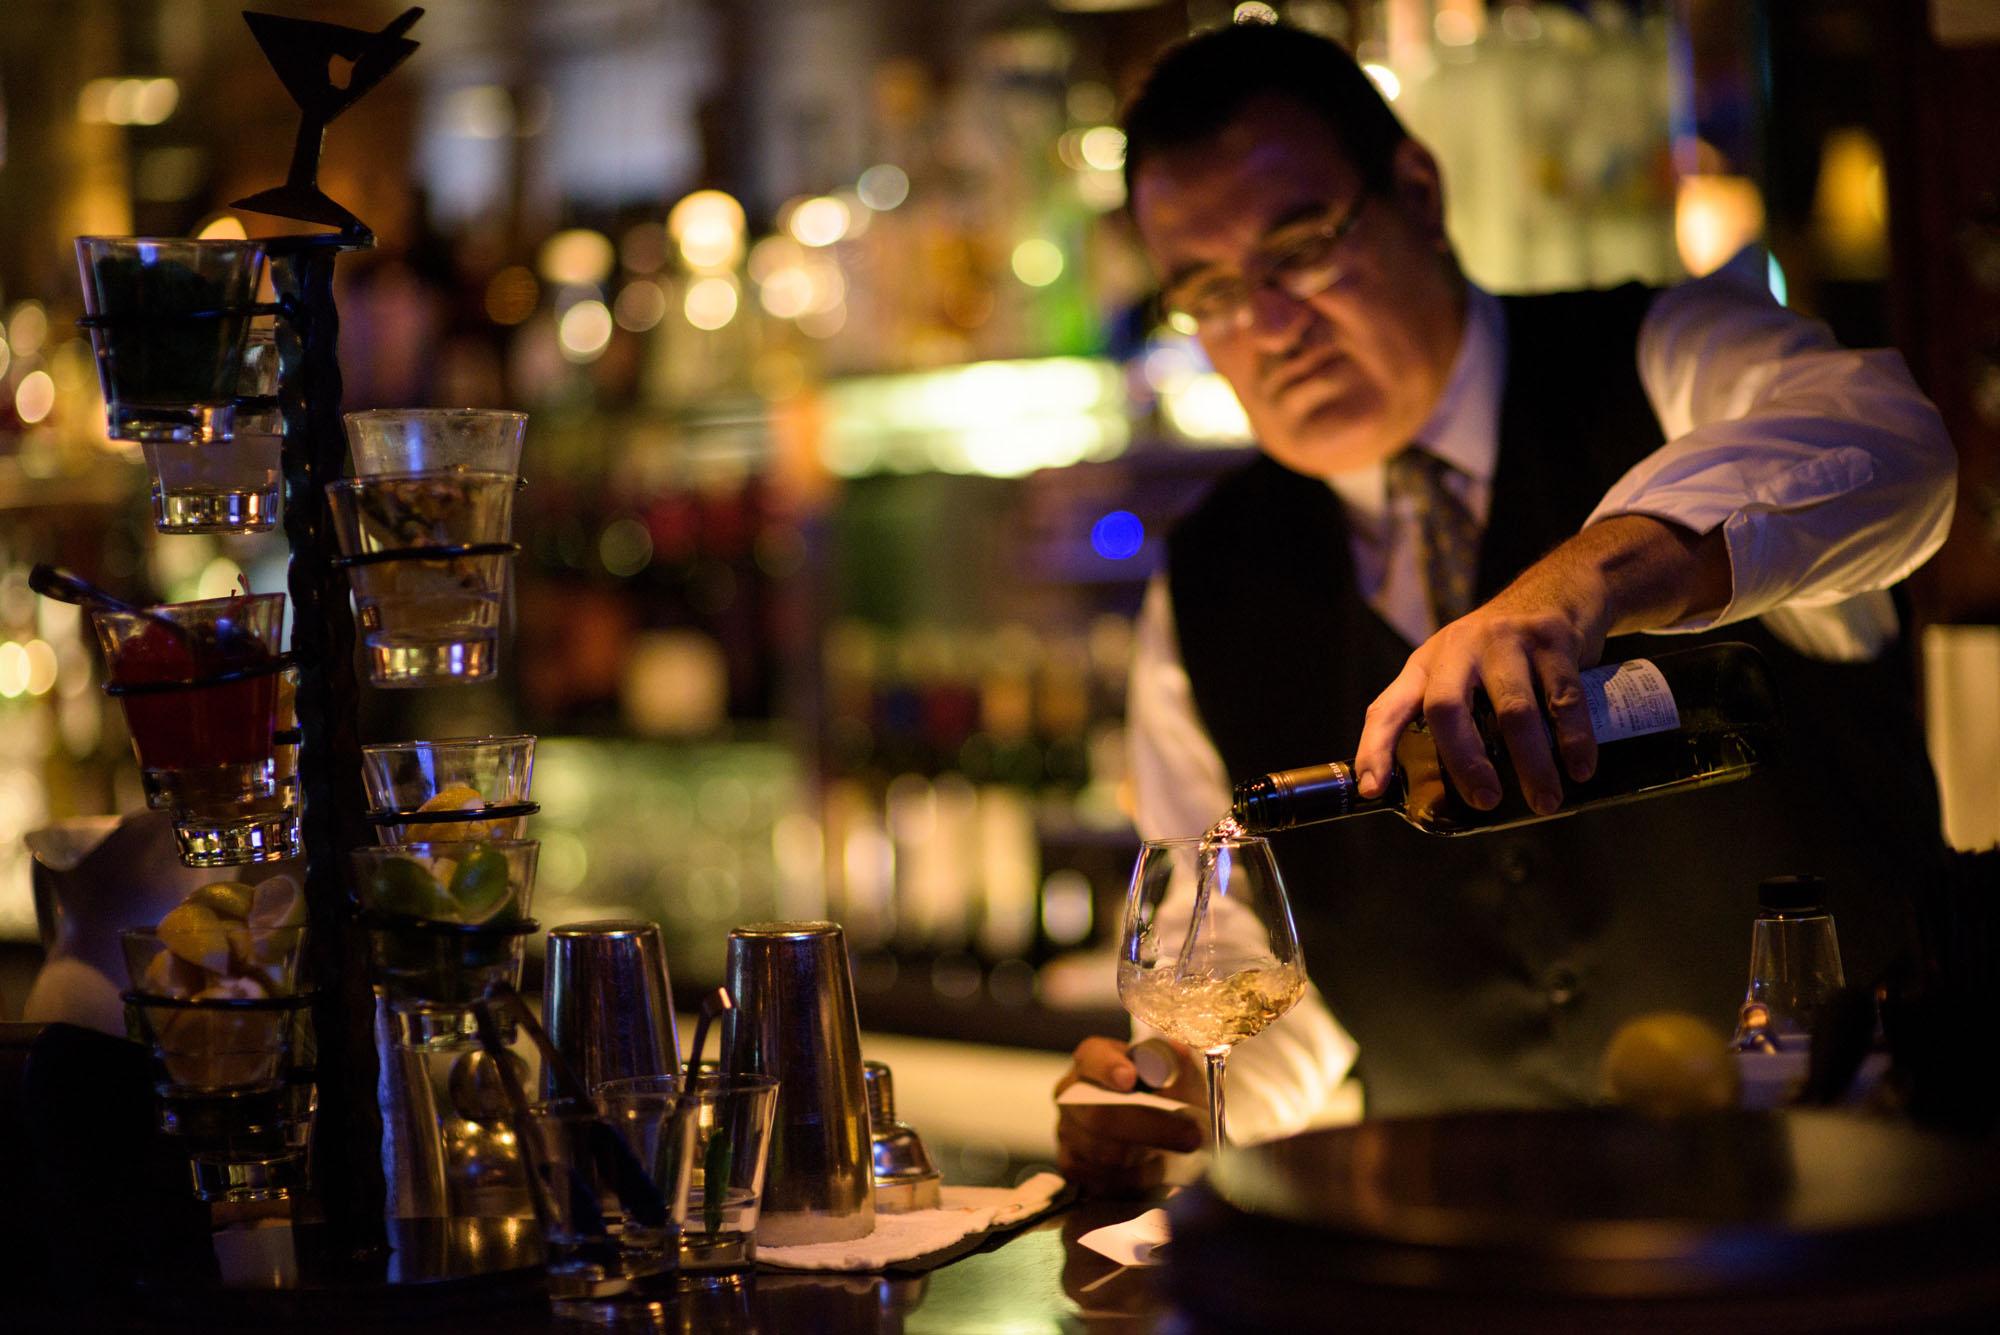 9370_d810a_Sundance_the_Steakhouse_Palo_Alto_Restaurant_Photography.jpg